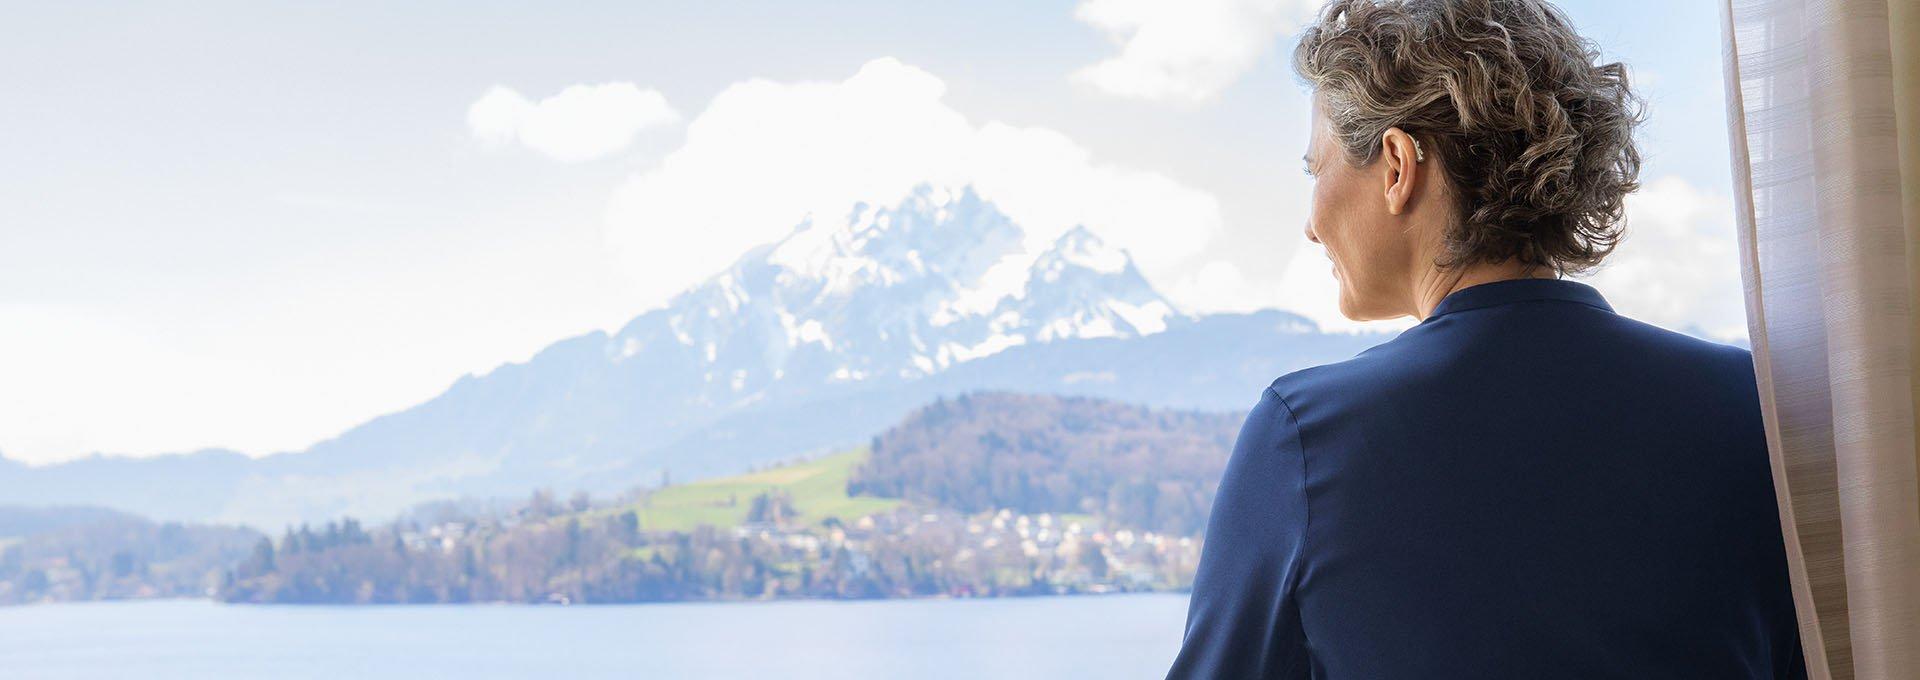 Mujer vistiendo audífonos recargables Bernafon Alpha disfruta de vistas al lago suizo y a la montaña desde la ventana del hotel